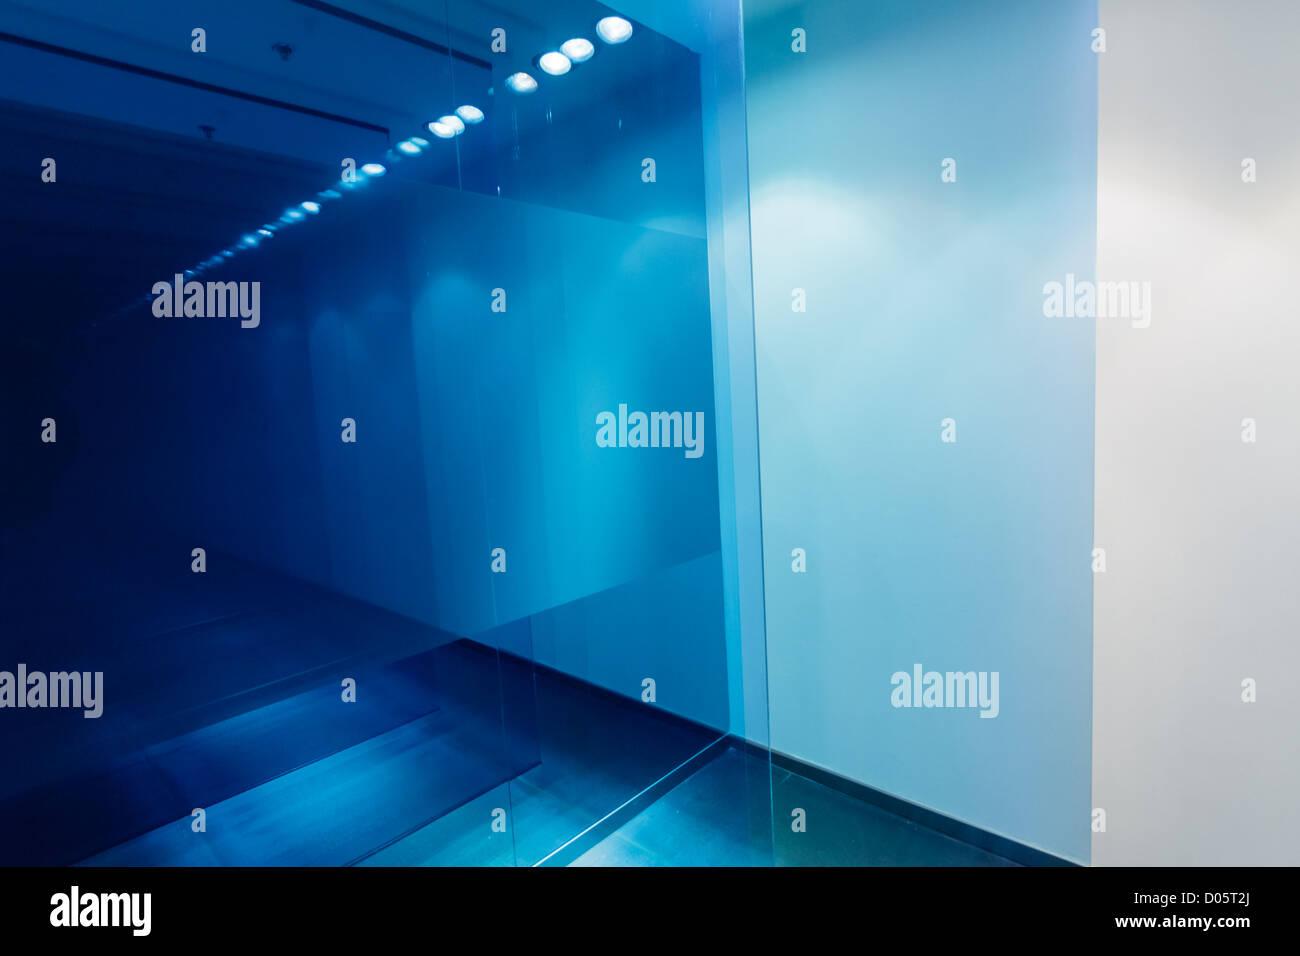 Illuminazione Di Un Corridoio : Un corridoio con vetro blu e illuminazione bianca foto immagine